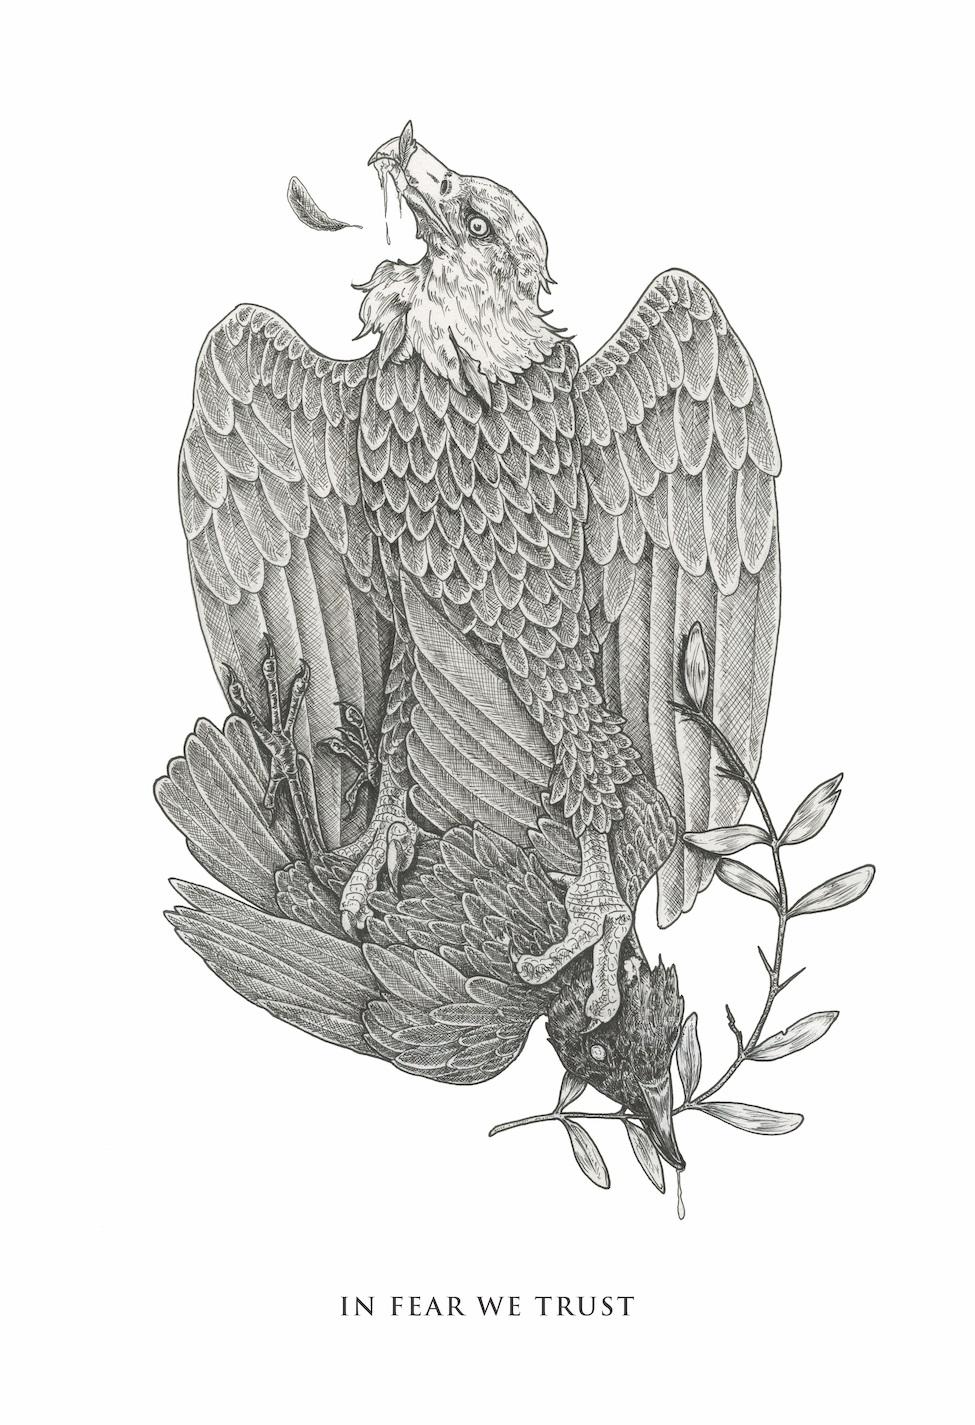 JW3 bird drawing.jpg